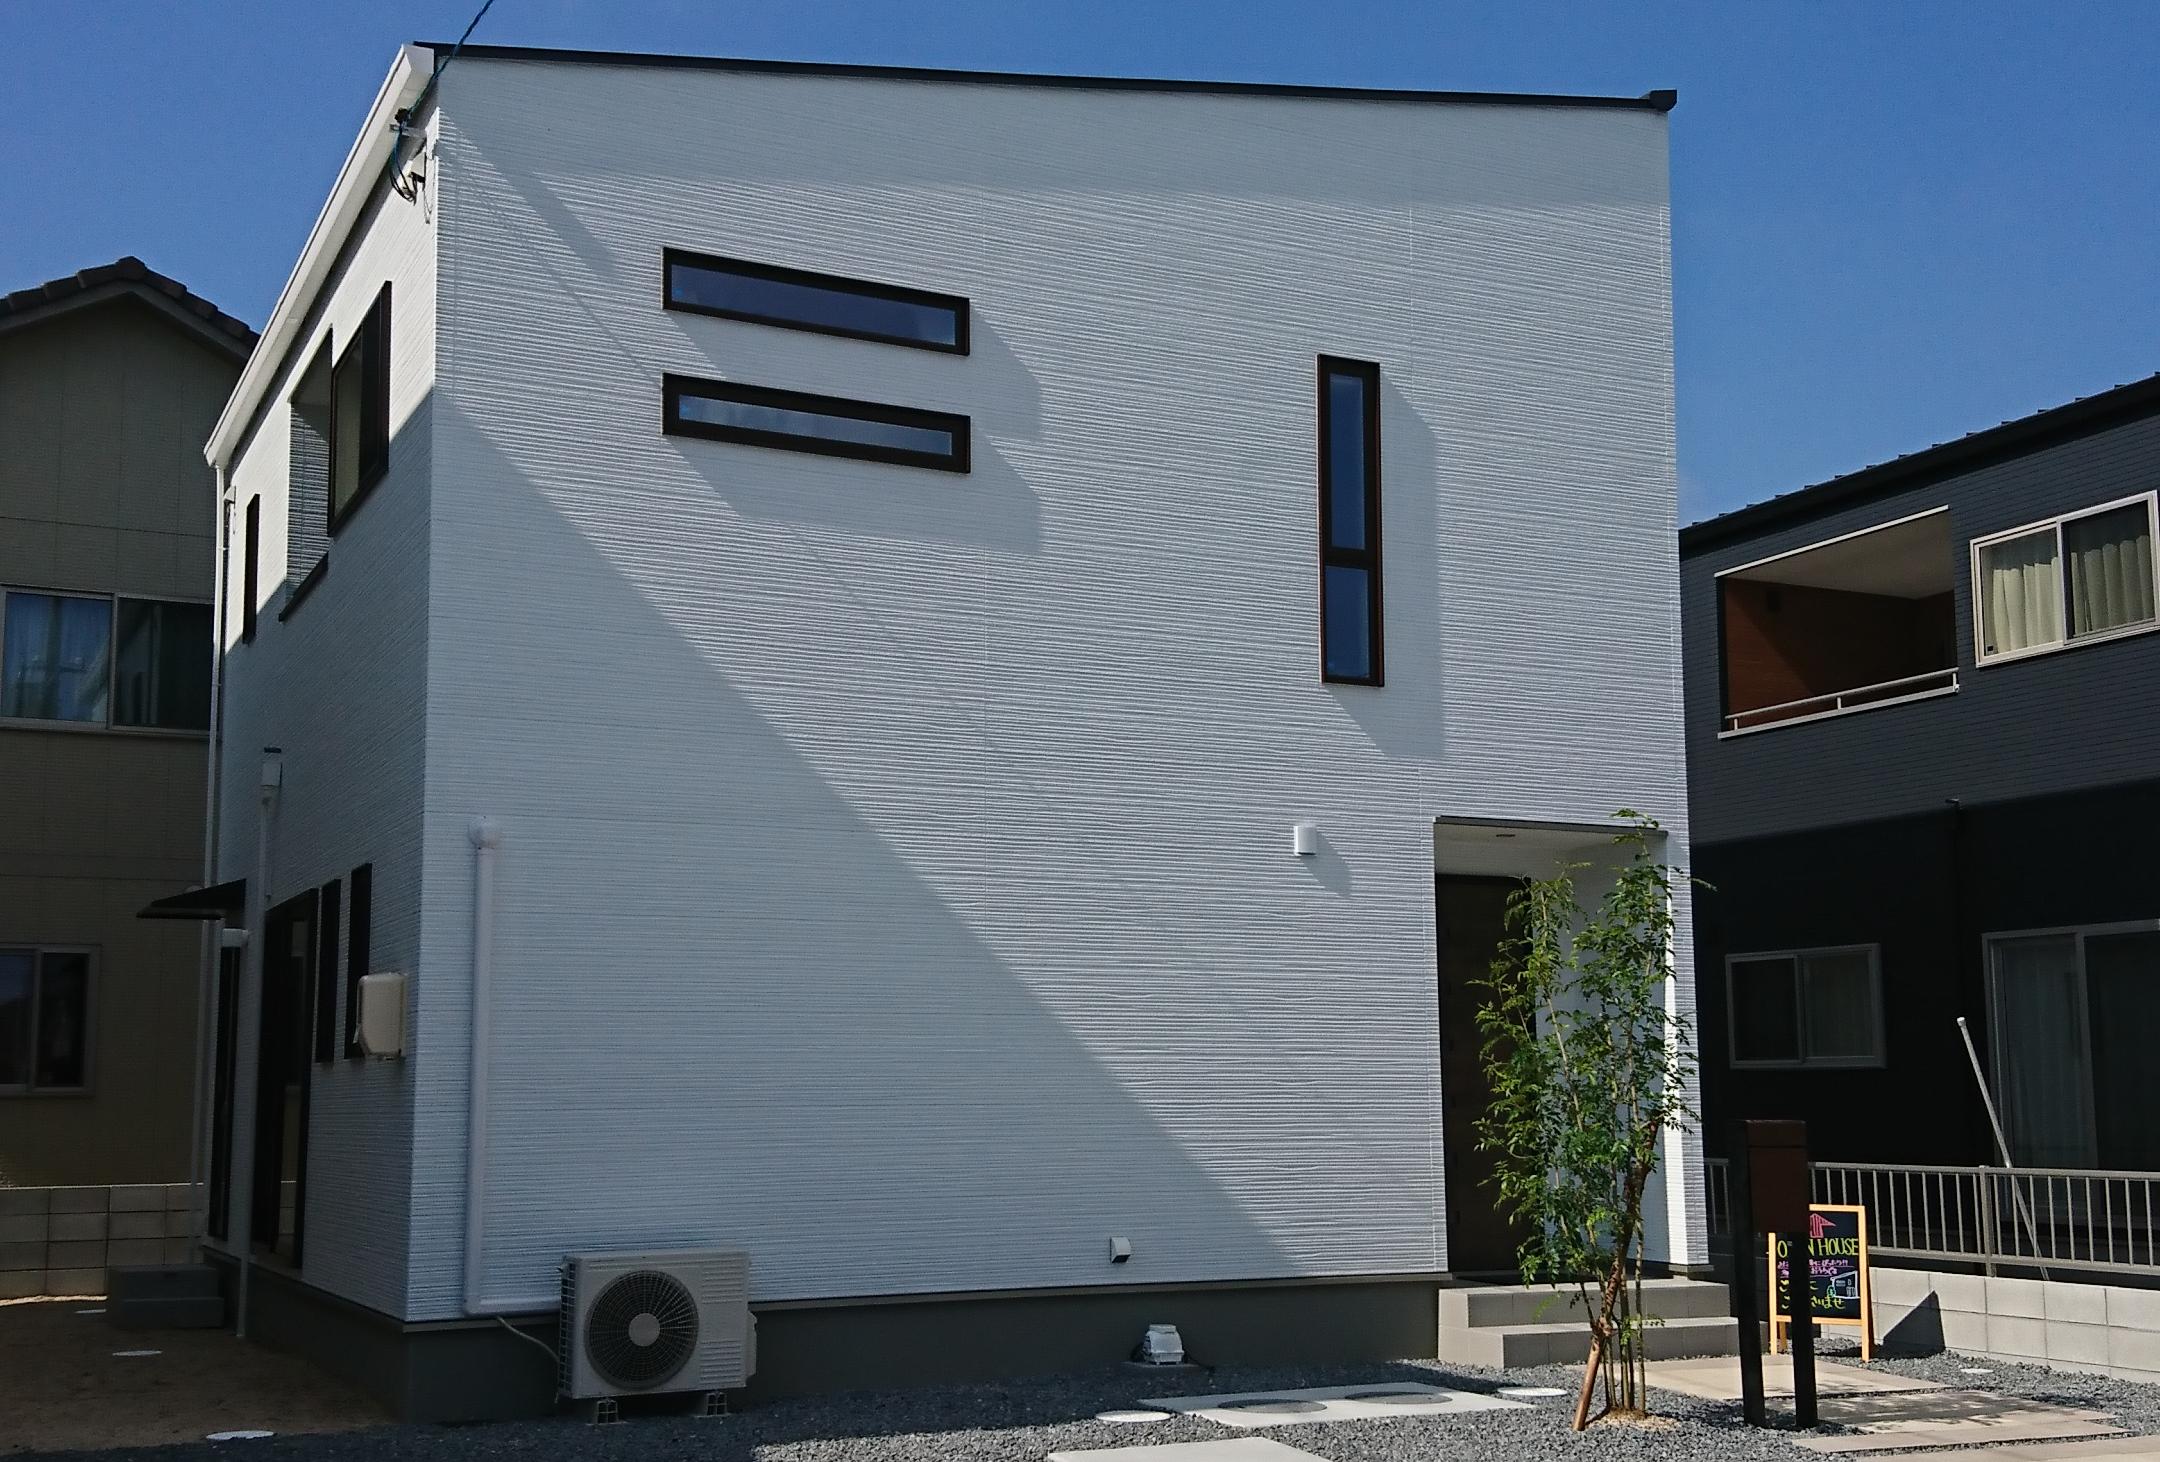 【10/20.21オープンハウス開催】瀬戸内市邑久町山田庄/残り1棟になりました‼